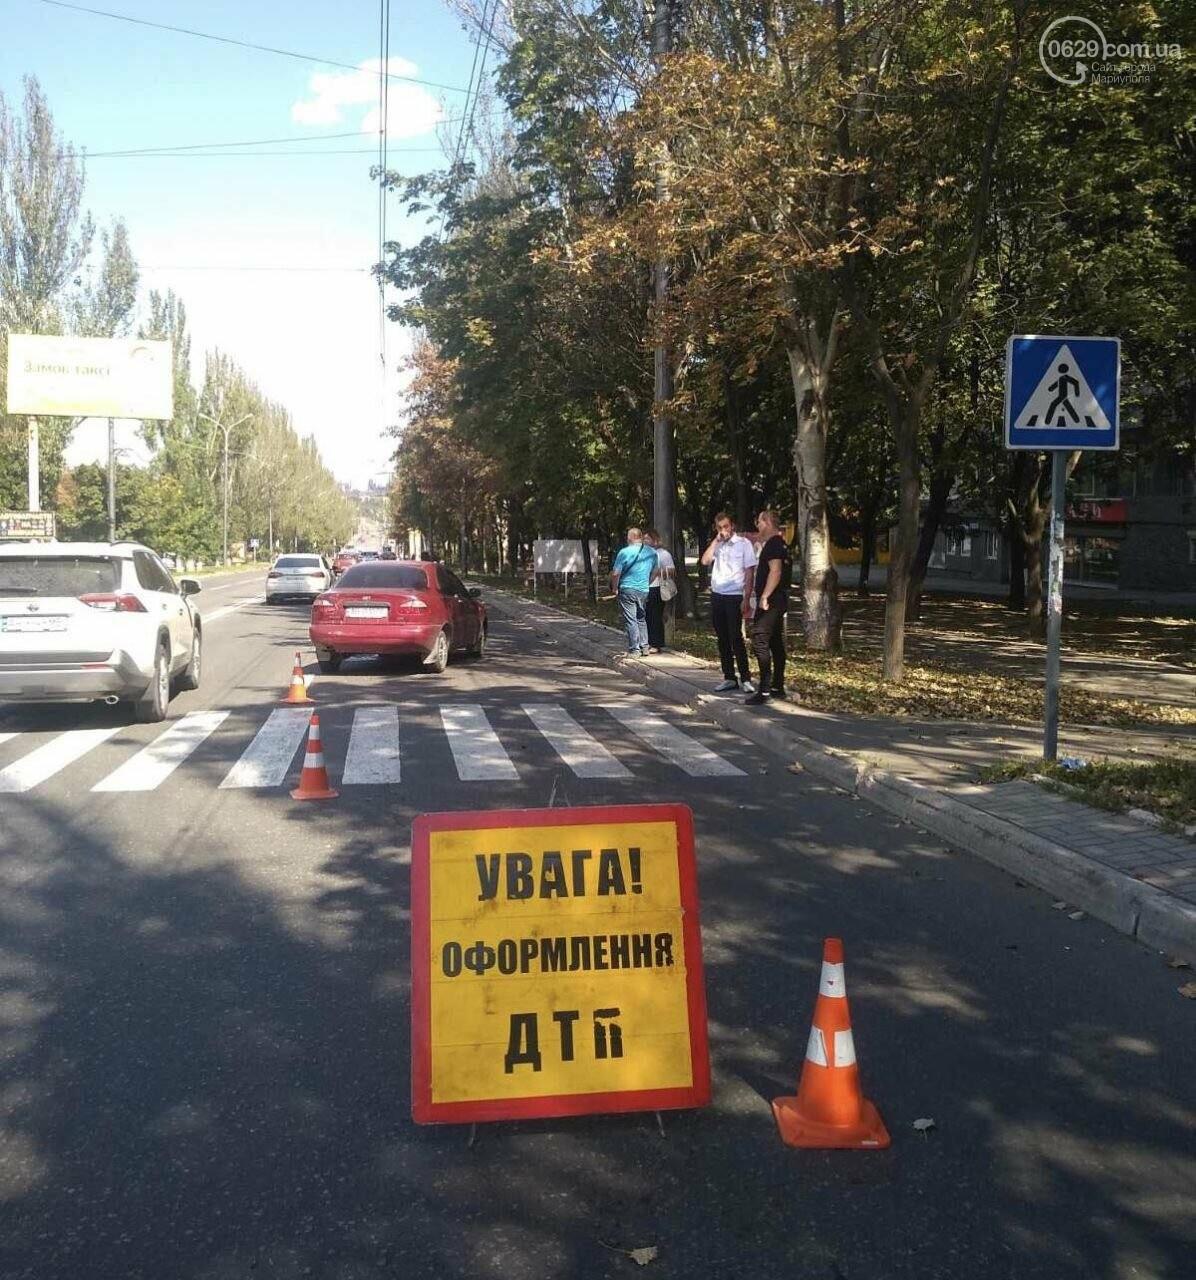 В Мариуполе автомобиль сбил пенсионерку. Женщина в больнице, - ФОТО, фото-2